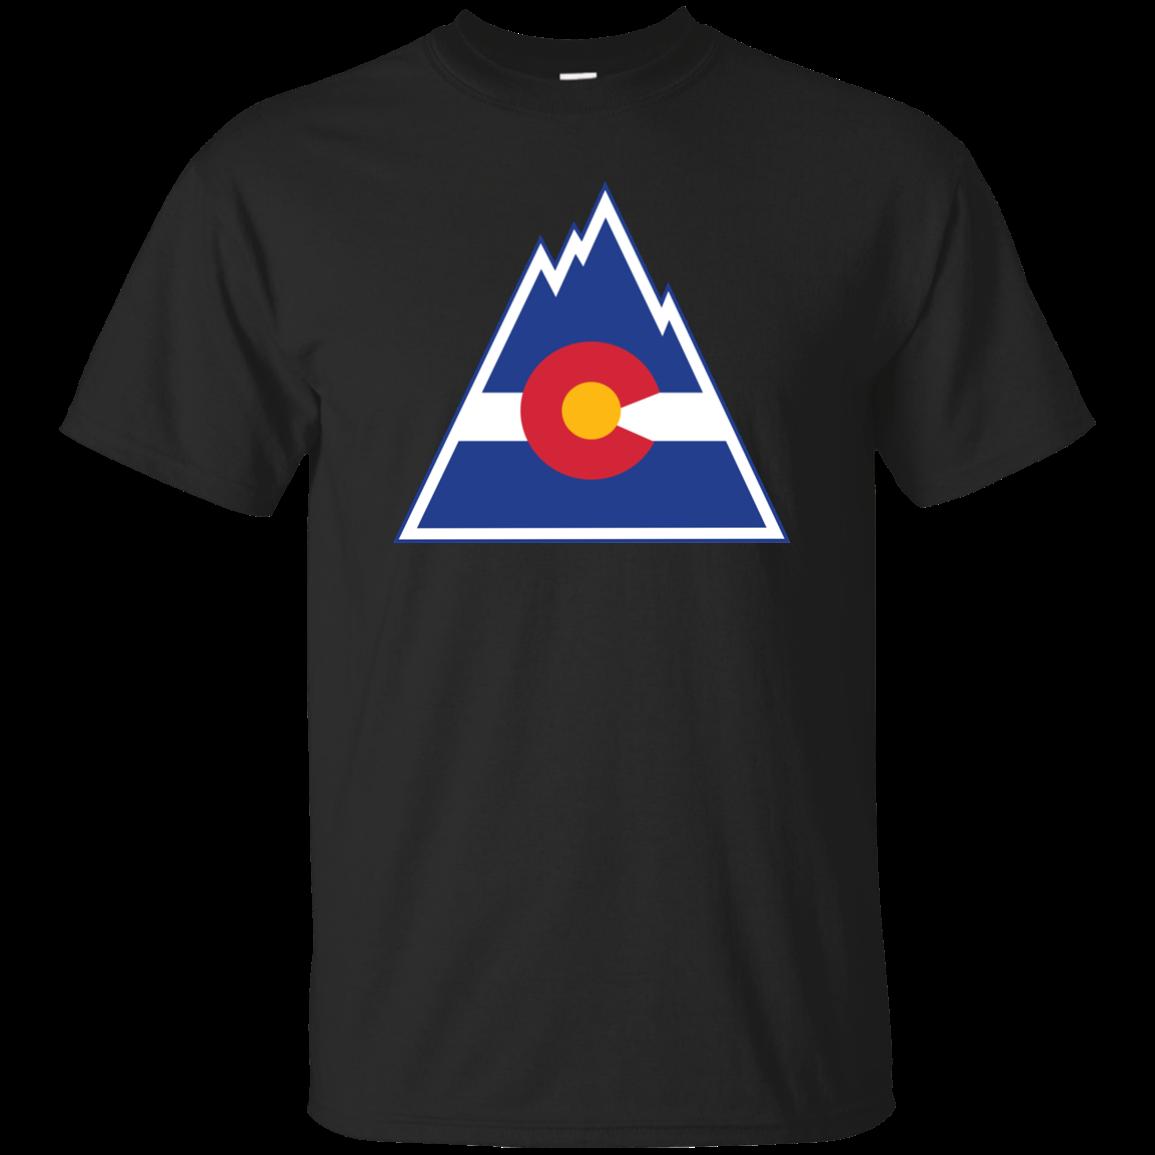 Colorado, Denver, Rockies, Hockey, muerto, Retro, Jersey, logotipo, camiseta Cool Casual pride camiseta hombres Unisex nueva camiseta de moda